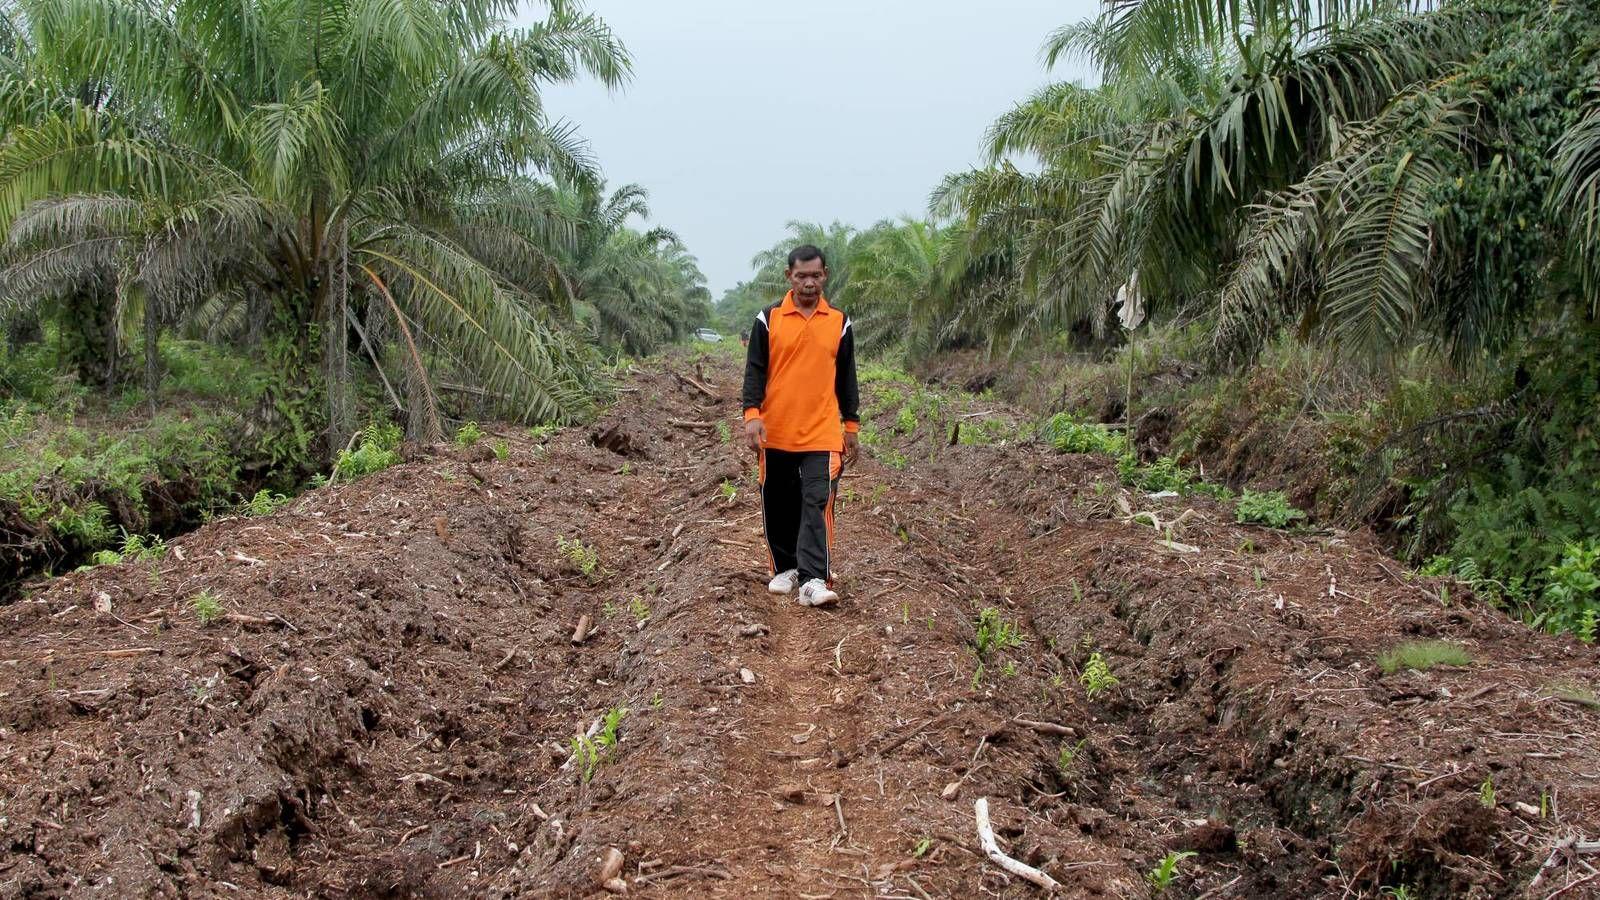 Un pueblo contra los incendios provocados por el aceite de palma. Noticias de Mundo. Dosan, en la provincia de Riau, lanzó en 2009 un programa pionero para acabar con los fuegos que empezaron tras plantar las palmas aceiteras en la región